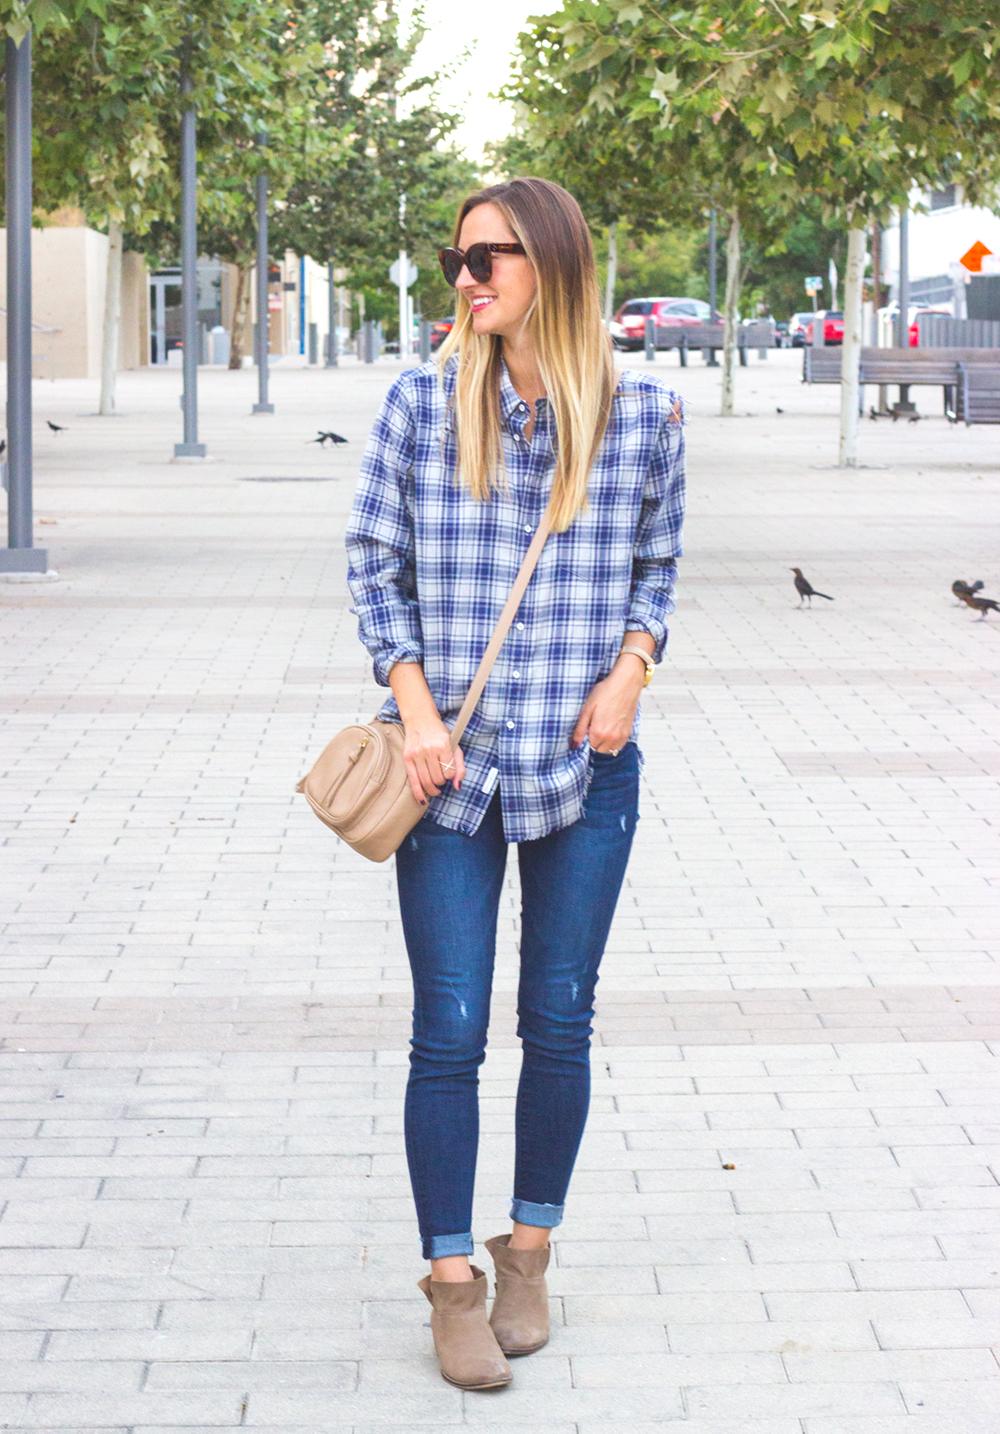 livvyland-blog-olivia-watson-dl1961-emma-barbwire-jeans-blue-shirt-shop-kelly-wynne-dear-512-handbag-5